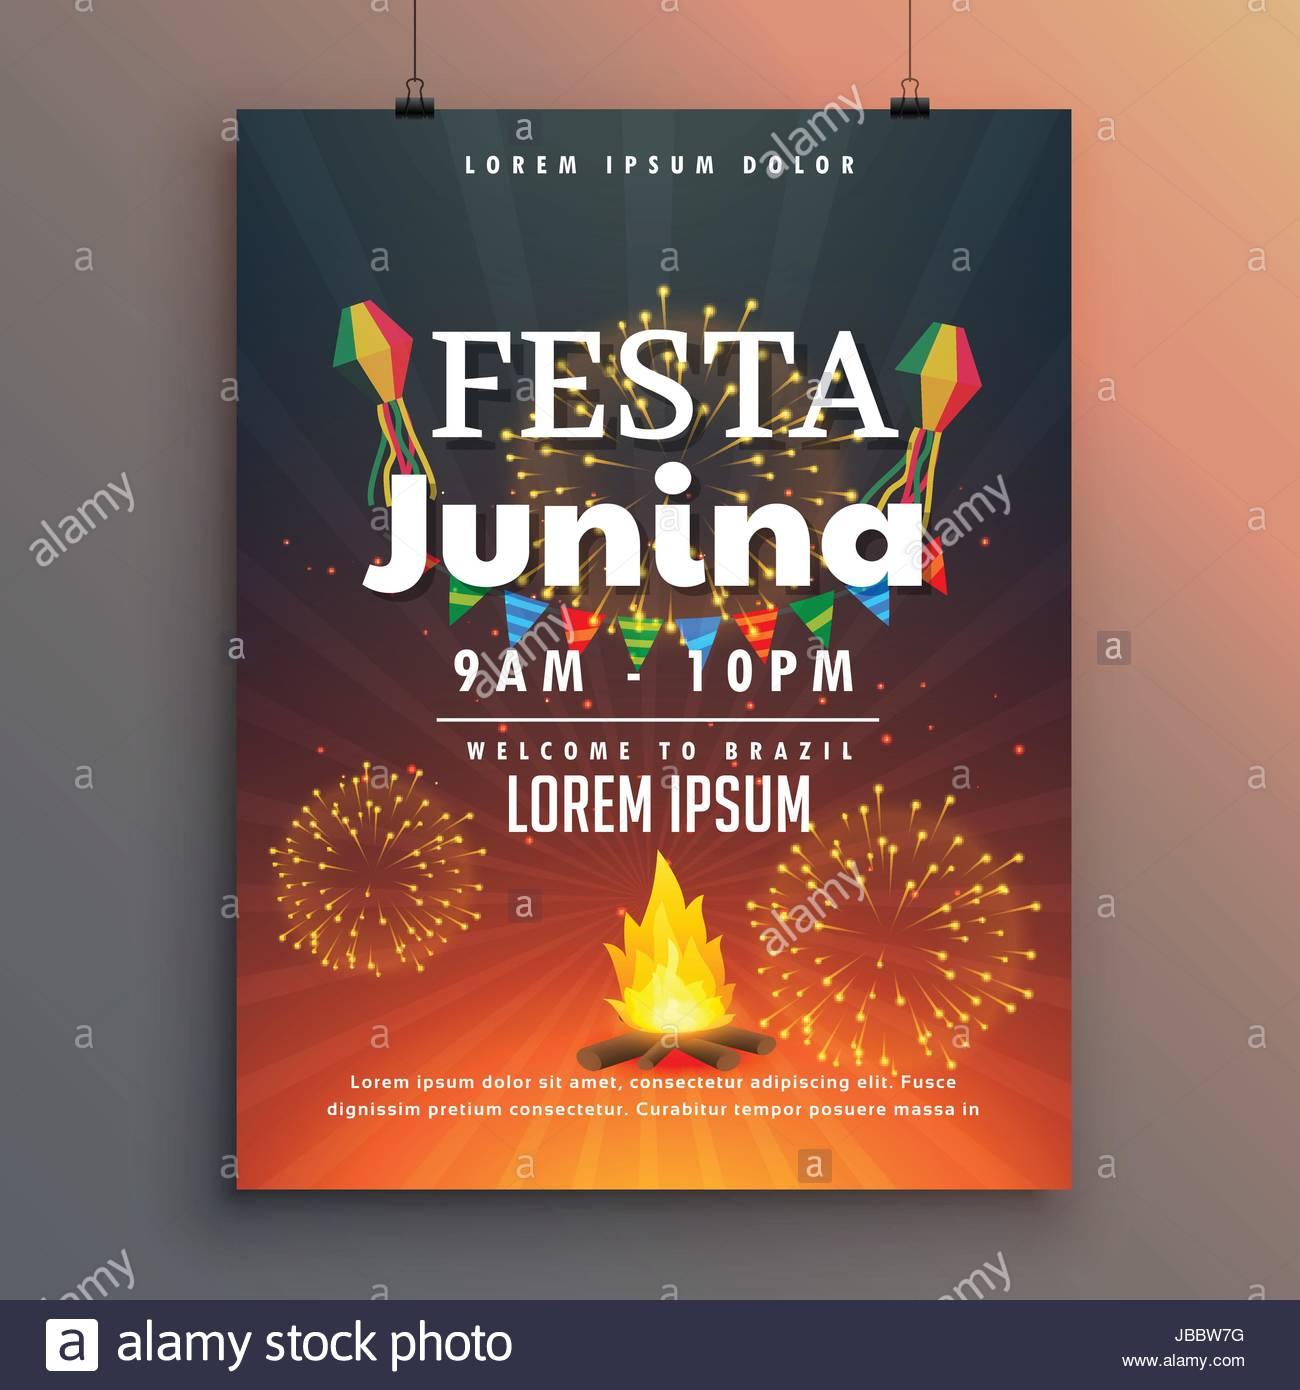 festa junina flyer design for latin american holiday